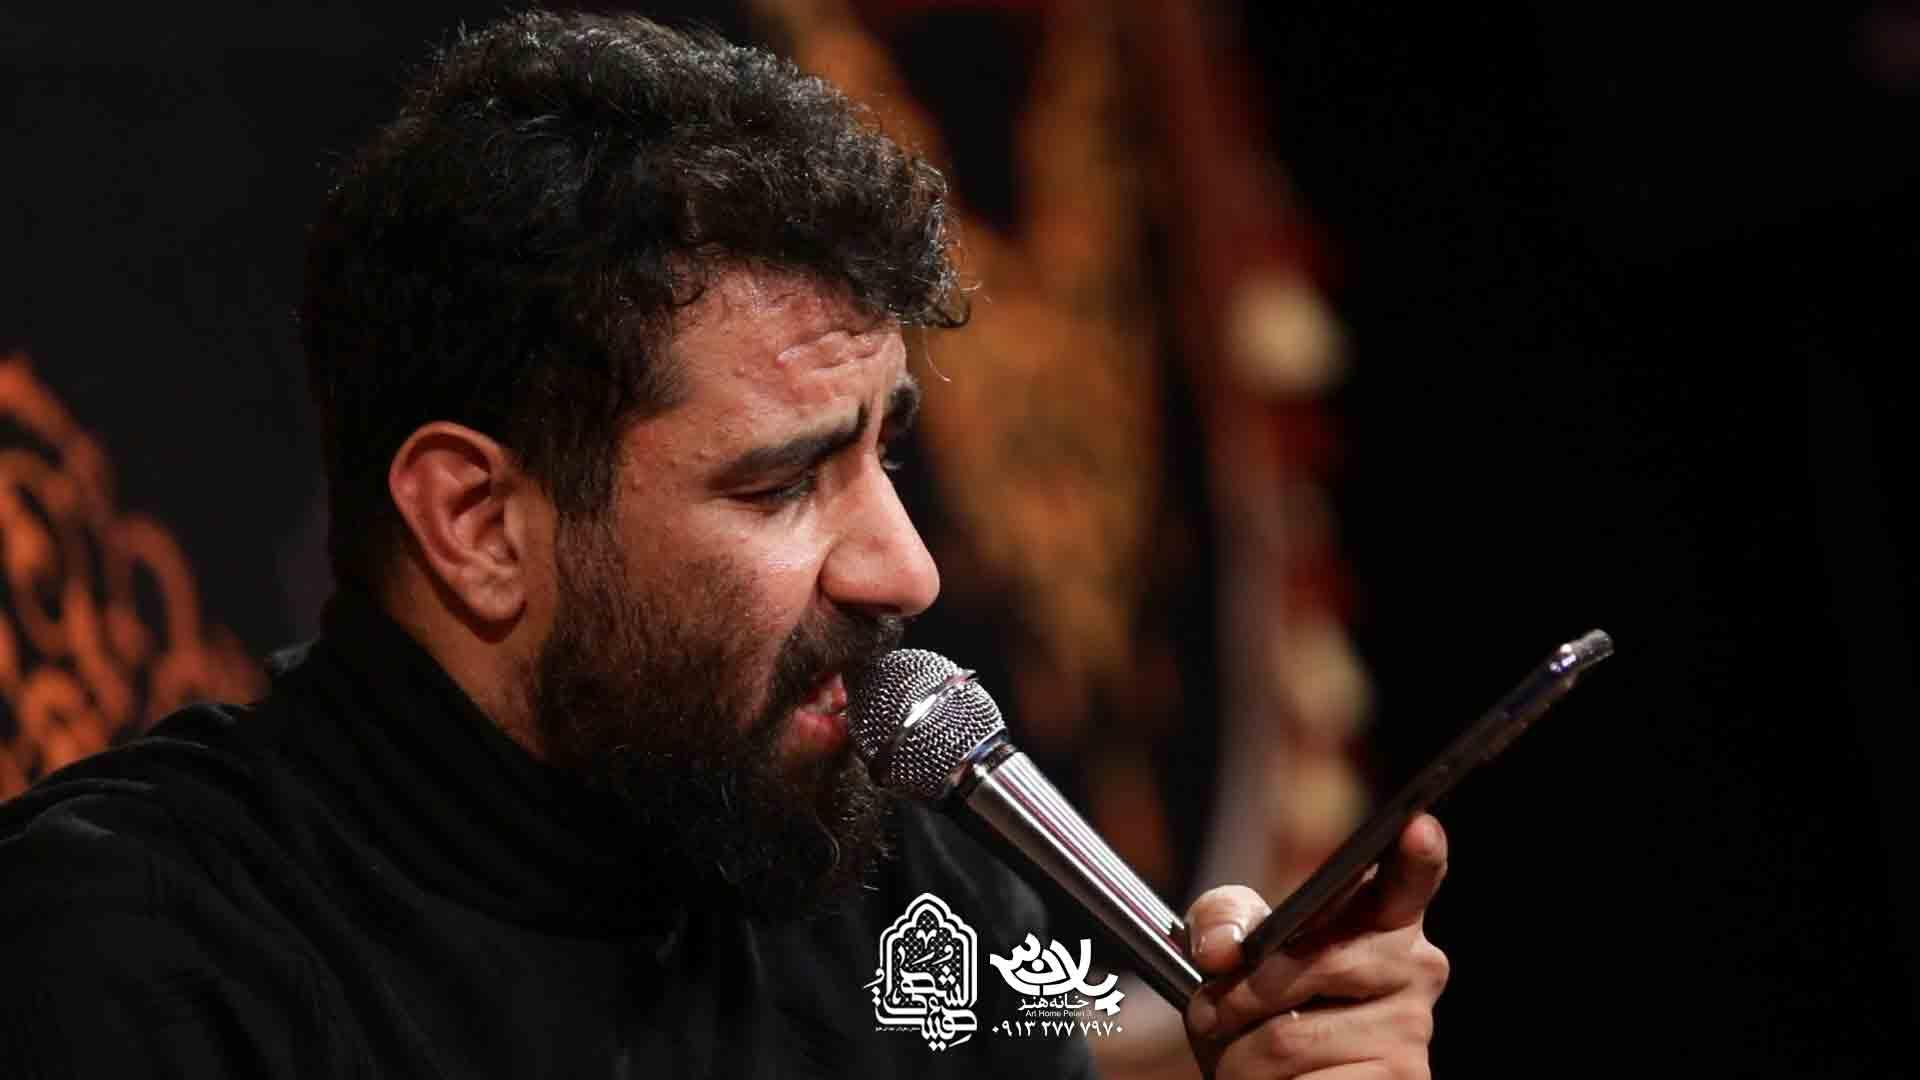 حسین جان علی پورکاوه